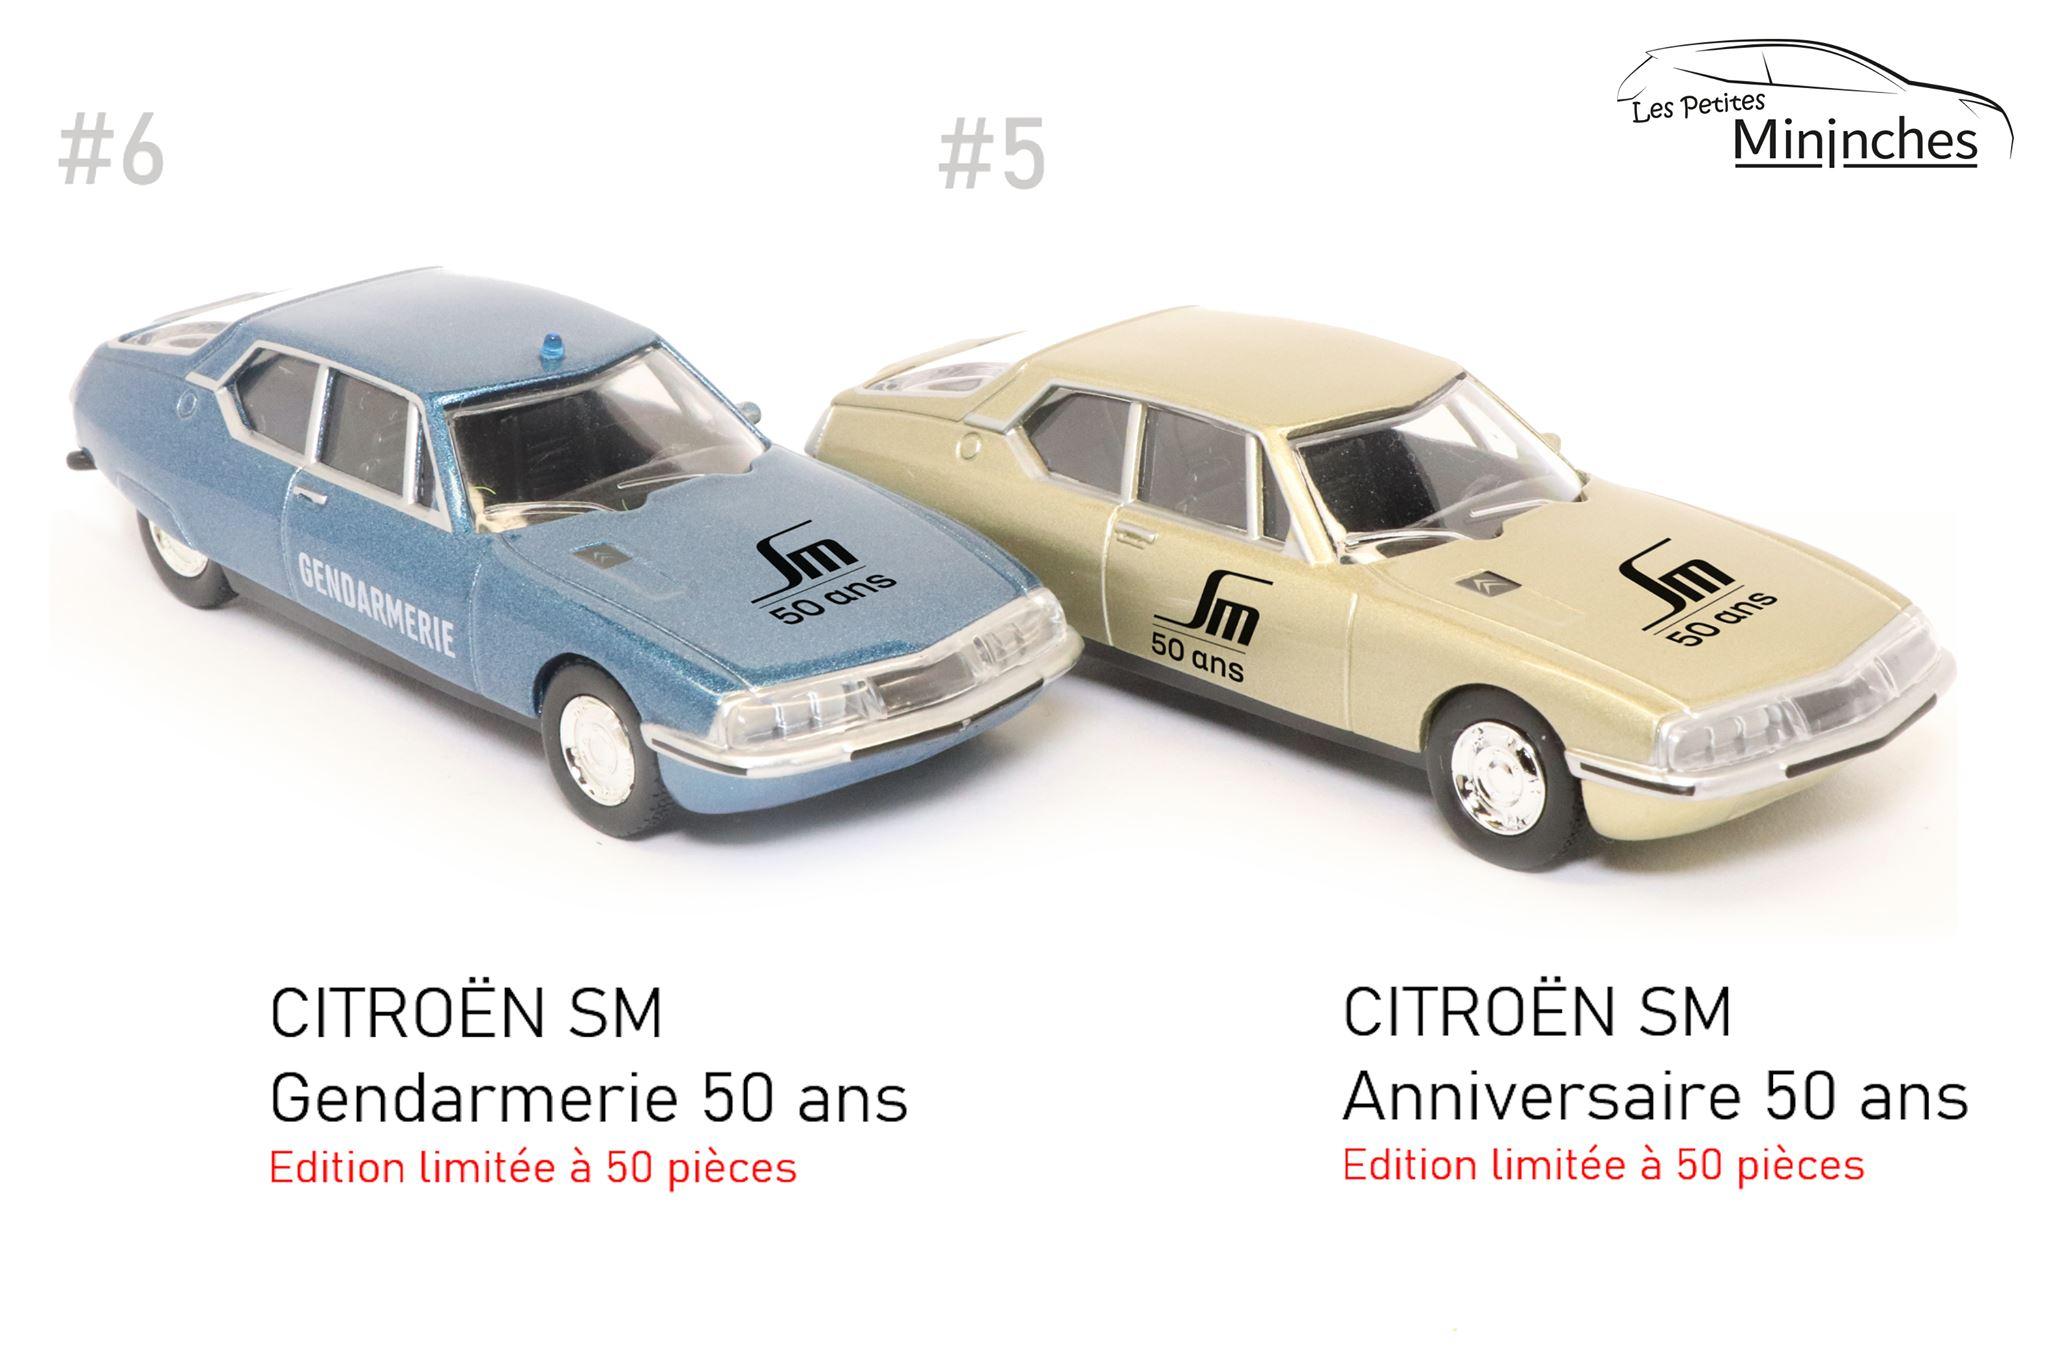 1/64 Citroën SM Les Petites Mininches